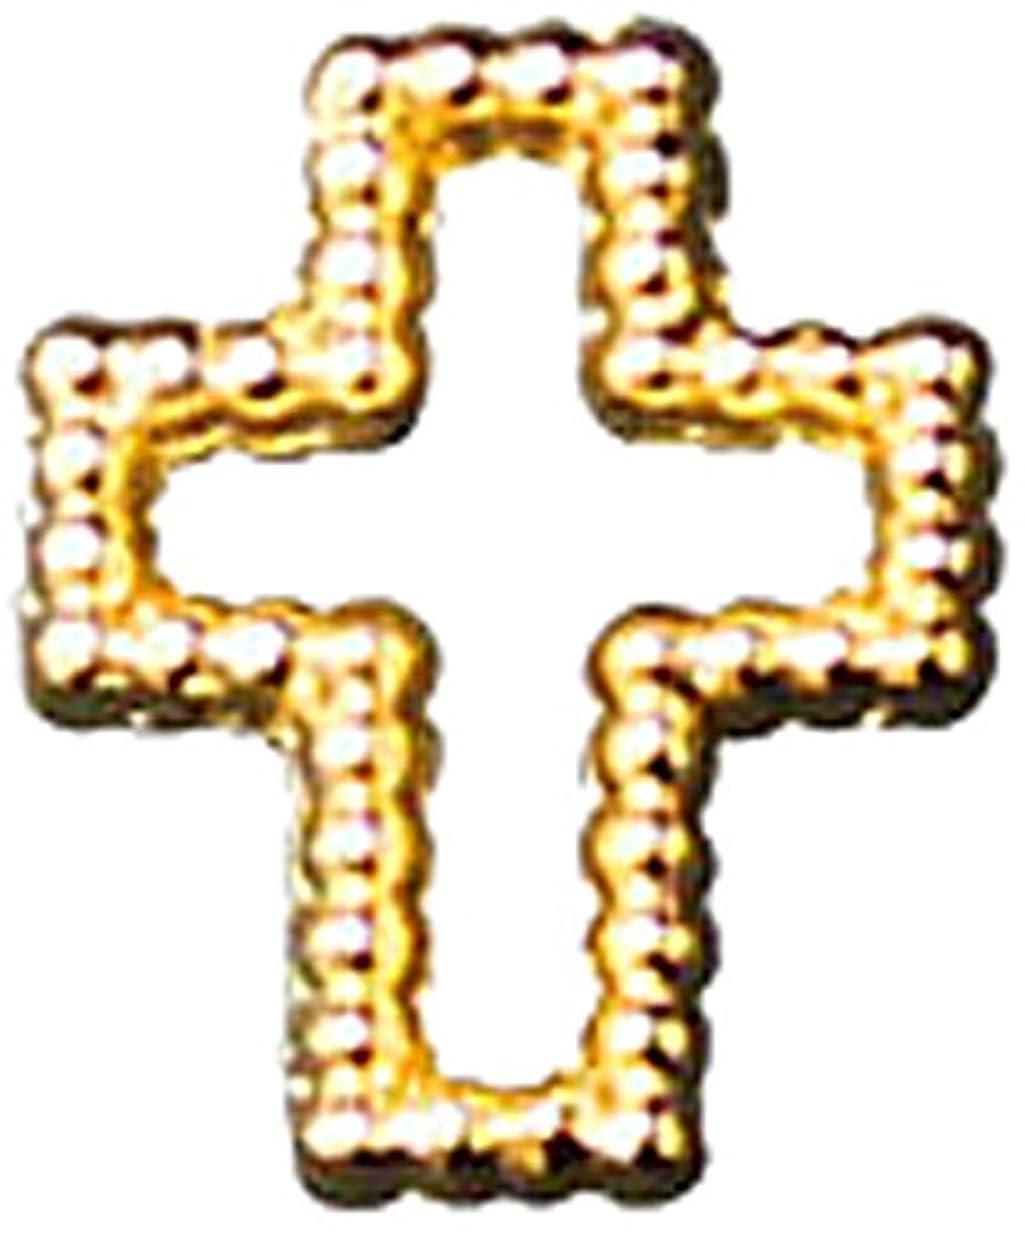 ファントム俳句事故プリティーネイル ネイルアートパーツ ブリオンクロス2 S ゴールド 15個